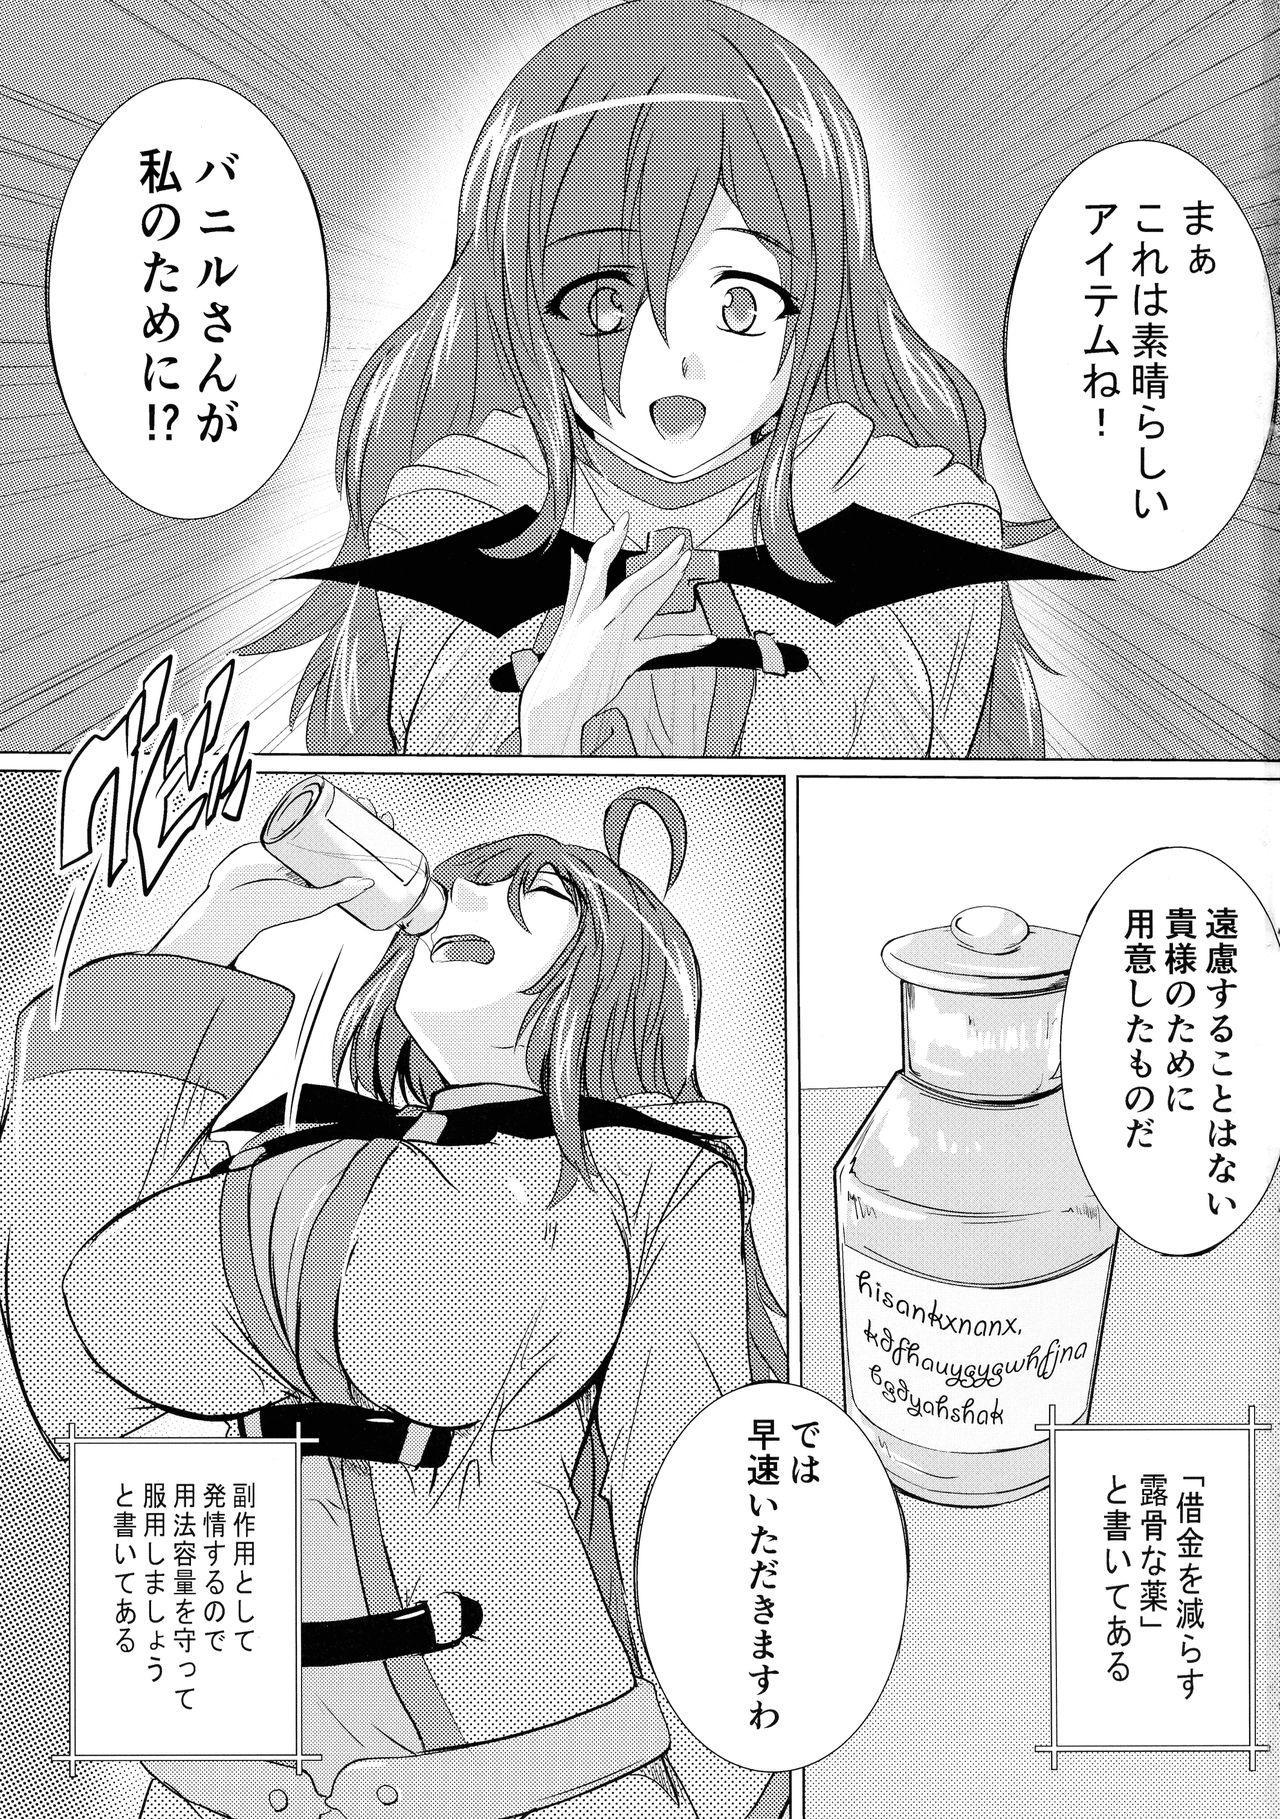 Kono Iyarashii Tenshu ni 2